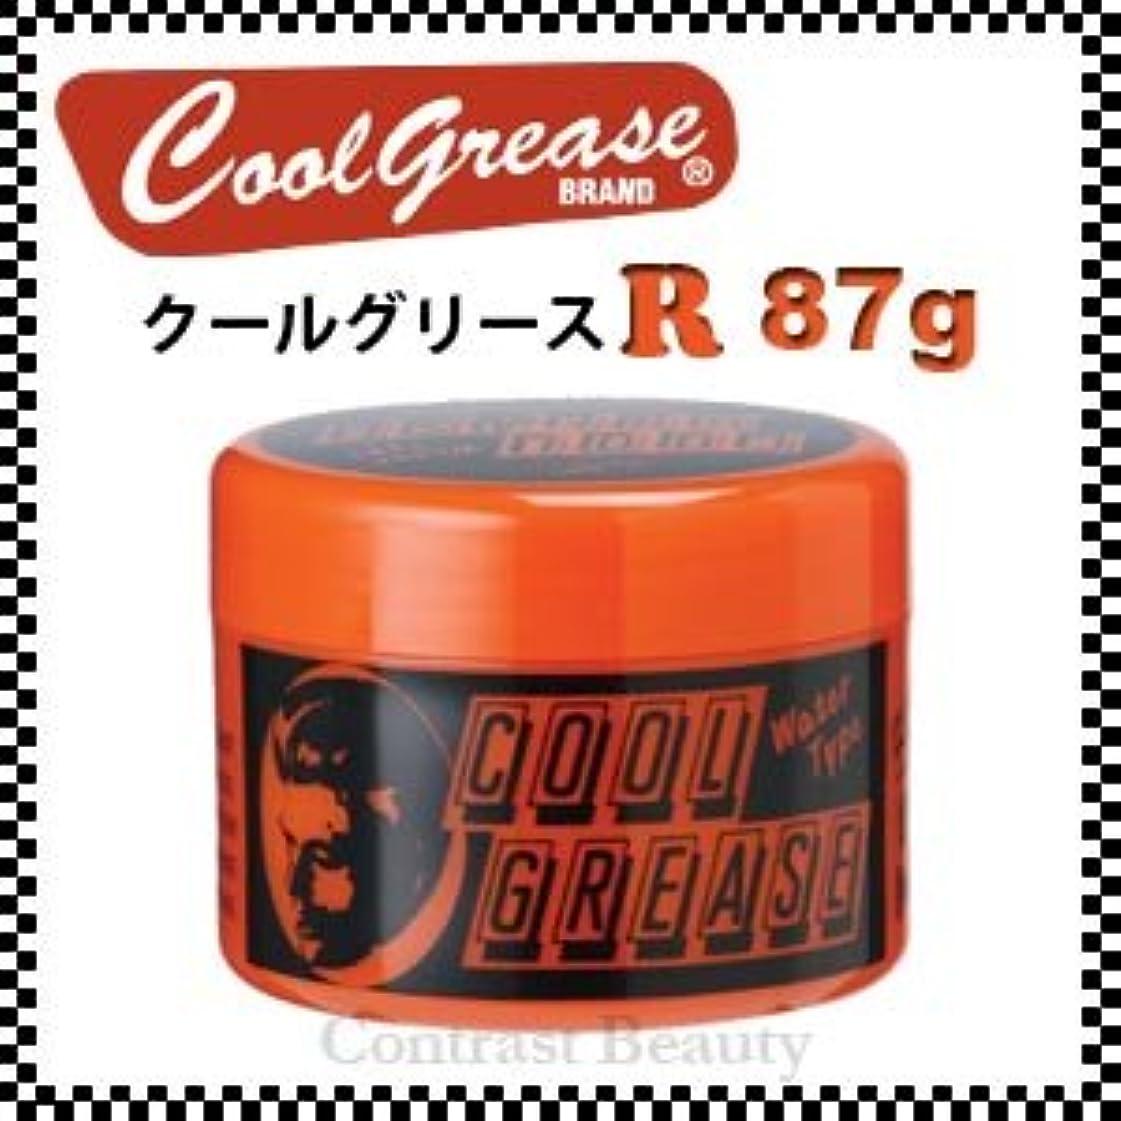 飾るエレガント呪い【X2個セット】 阪本高生堂 クールグリース R 87g